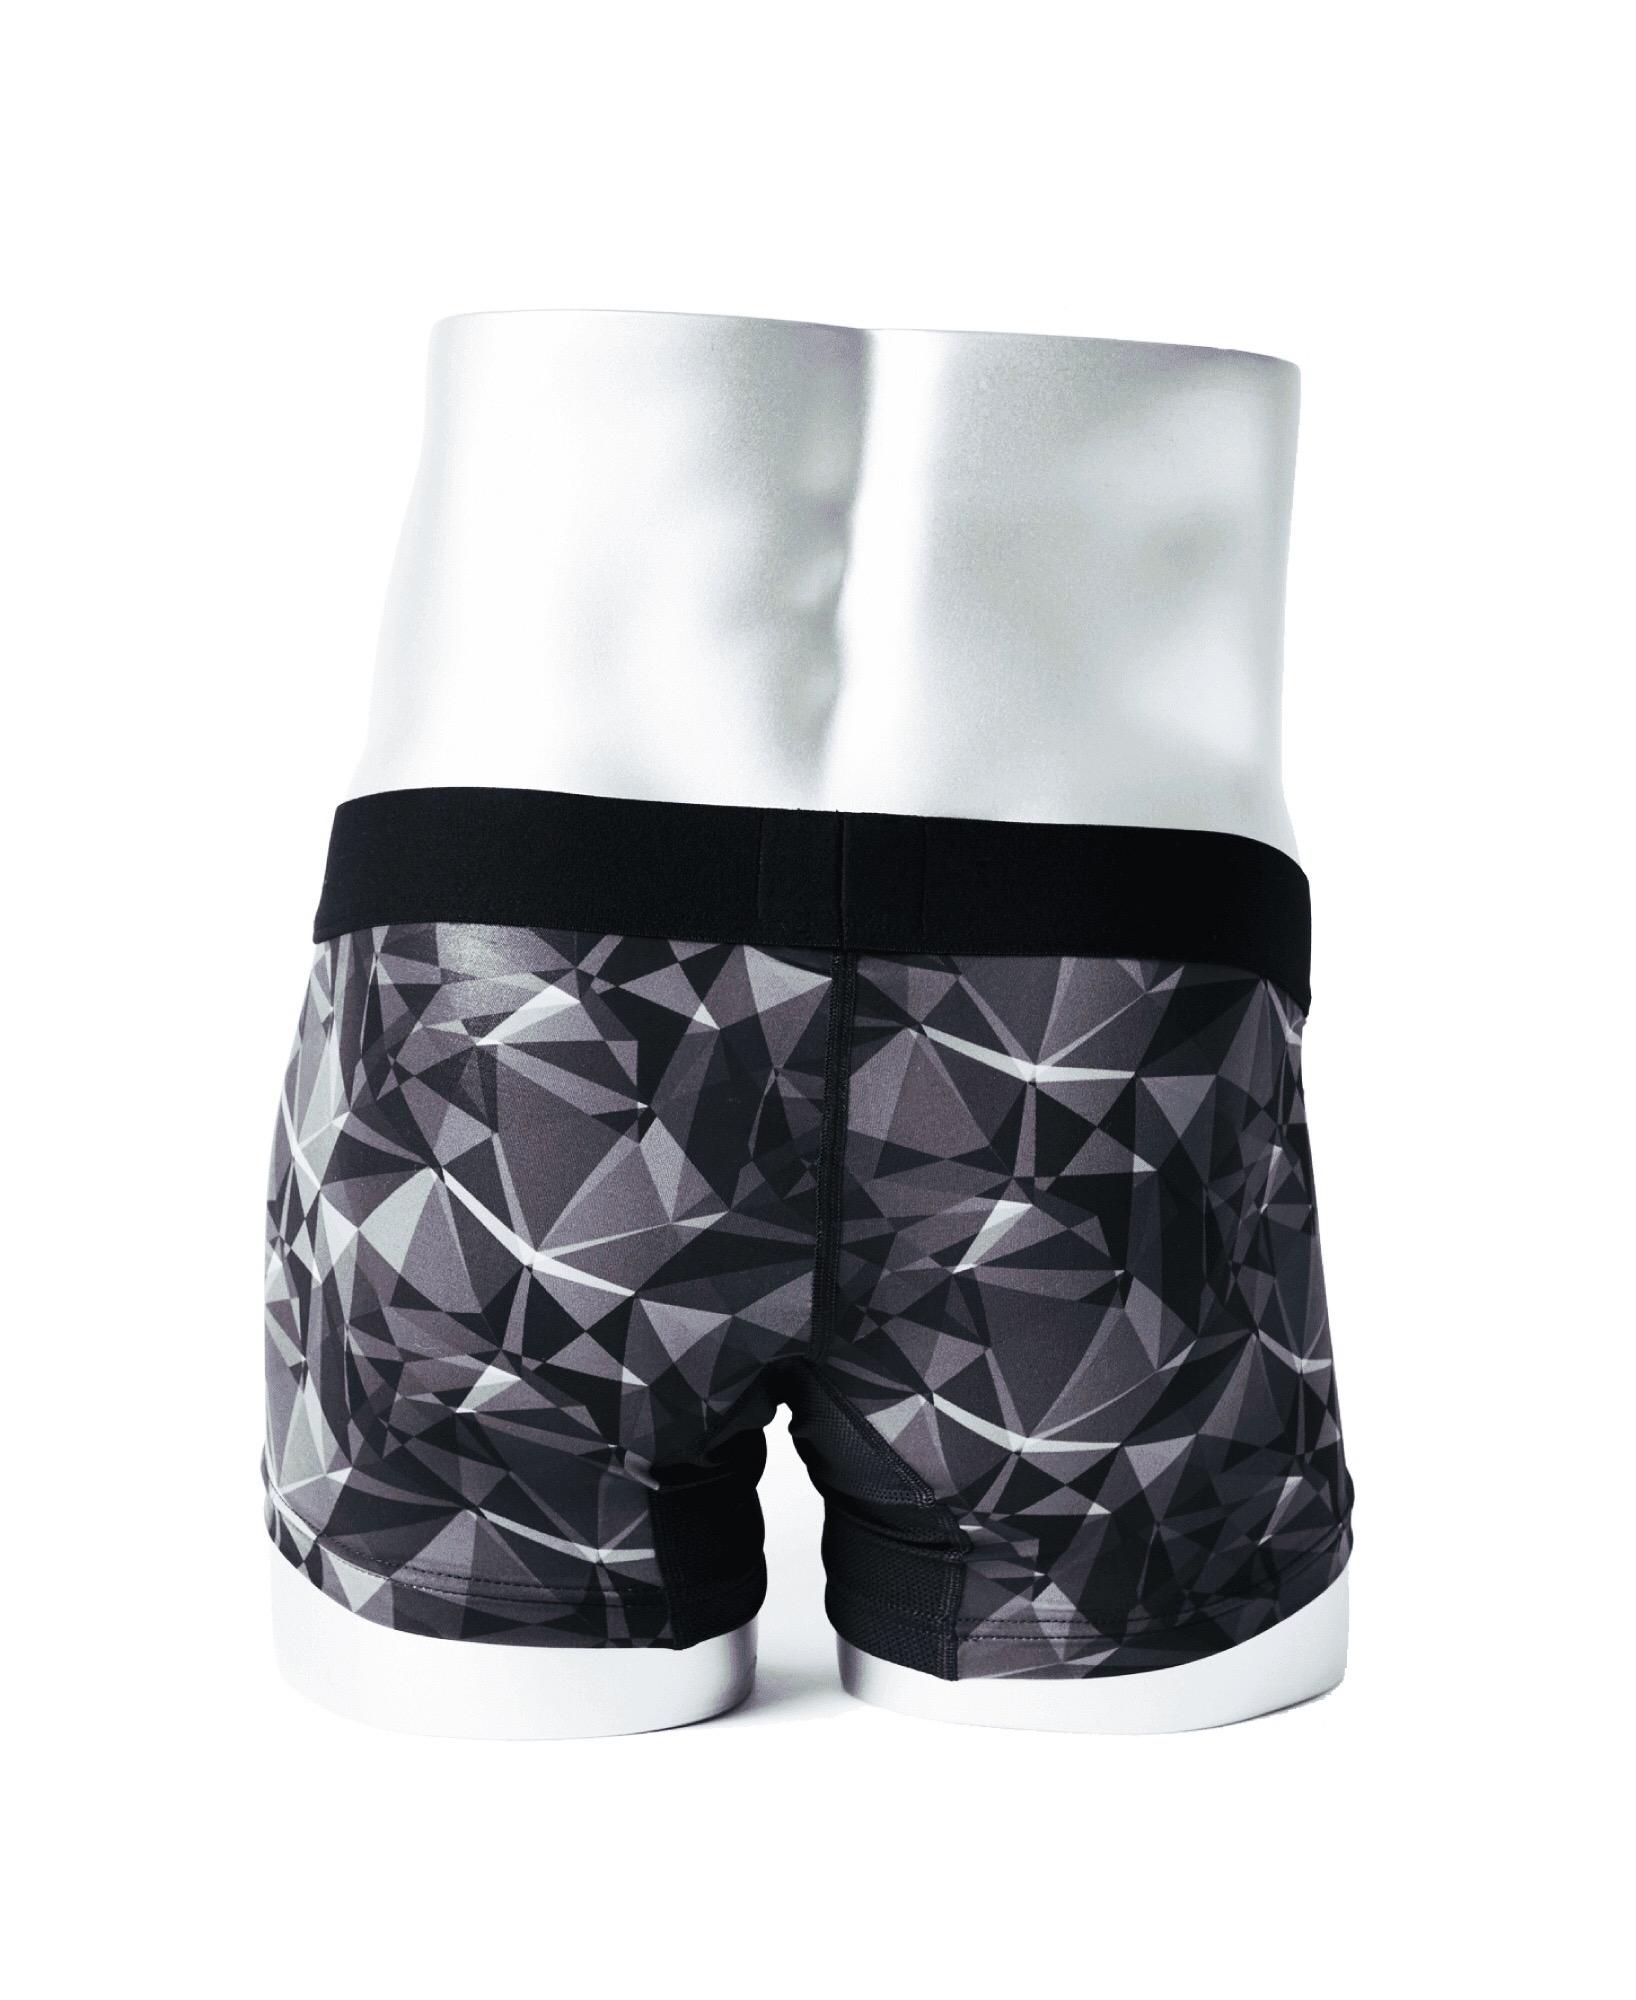 BOXER ボクサーパンツ 通販 | 高級ブランド メンズ(男性)下着 日本製 MODERN POLYGON | デザイン詳細画像3